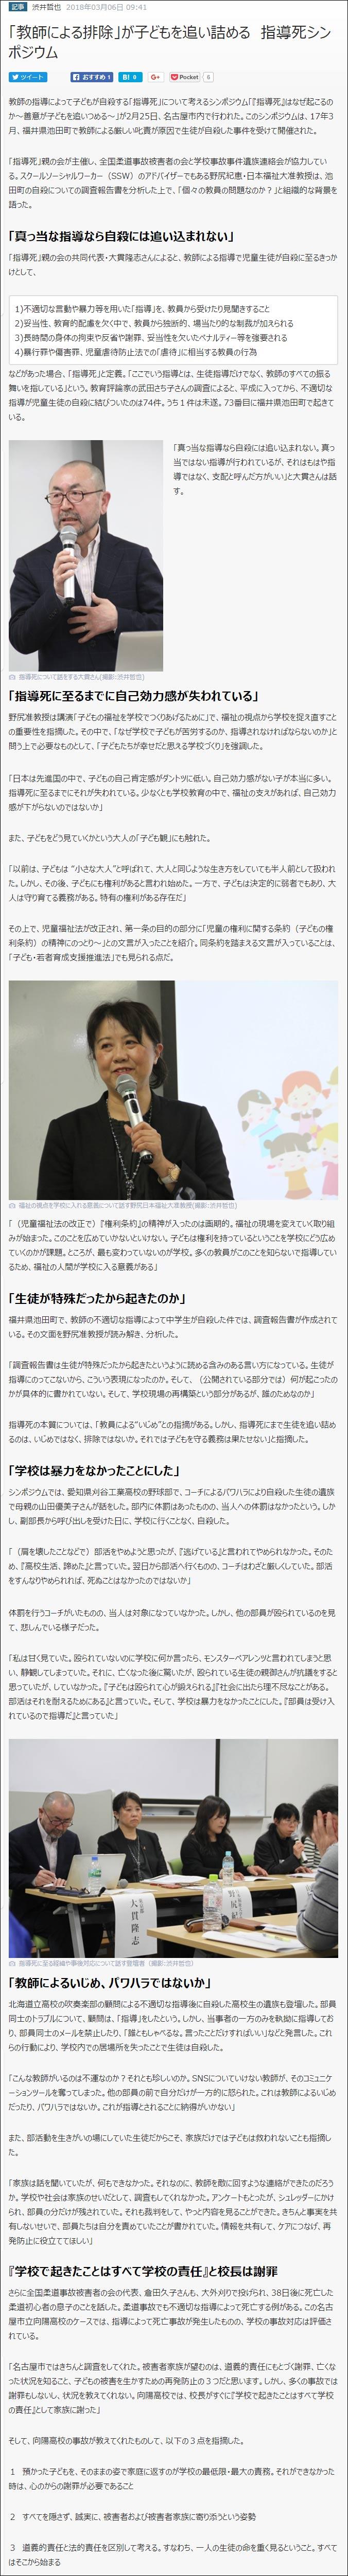 大貫隆志・武田さち子:BLOGOS掲載、2018年3月6日「『教師による排除』が子どもを追い詰める 指導死シンポジウム」